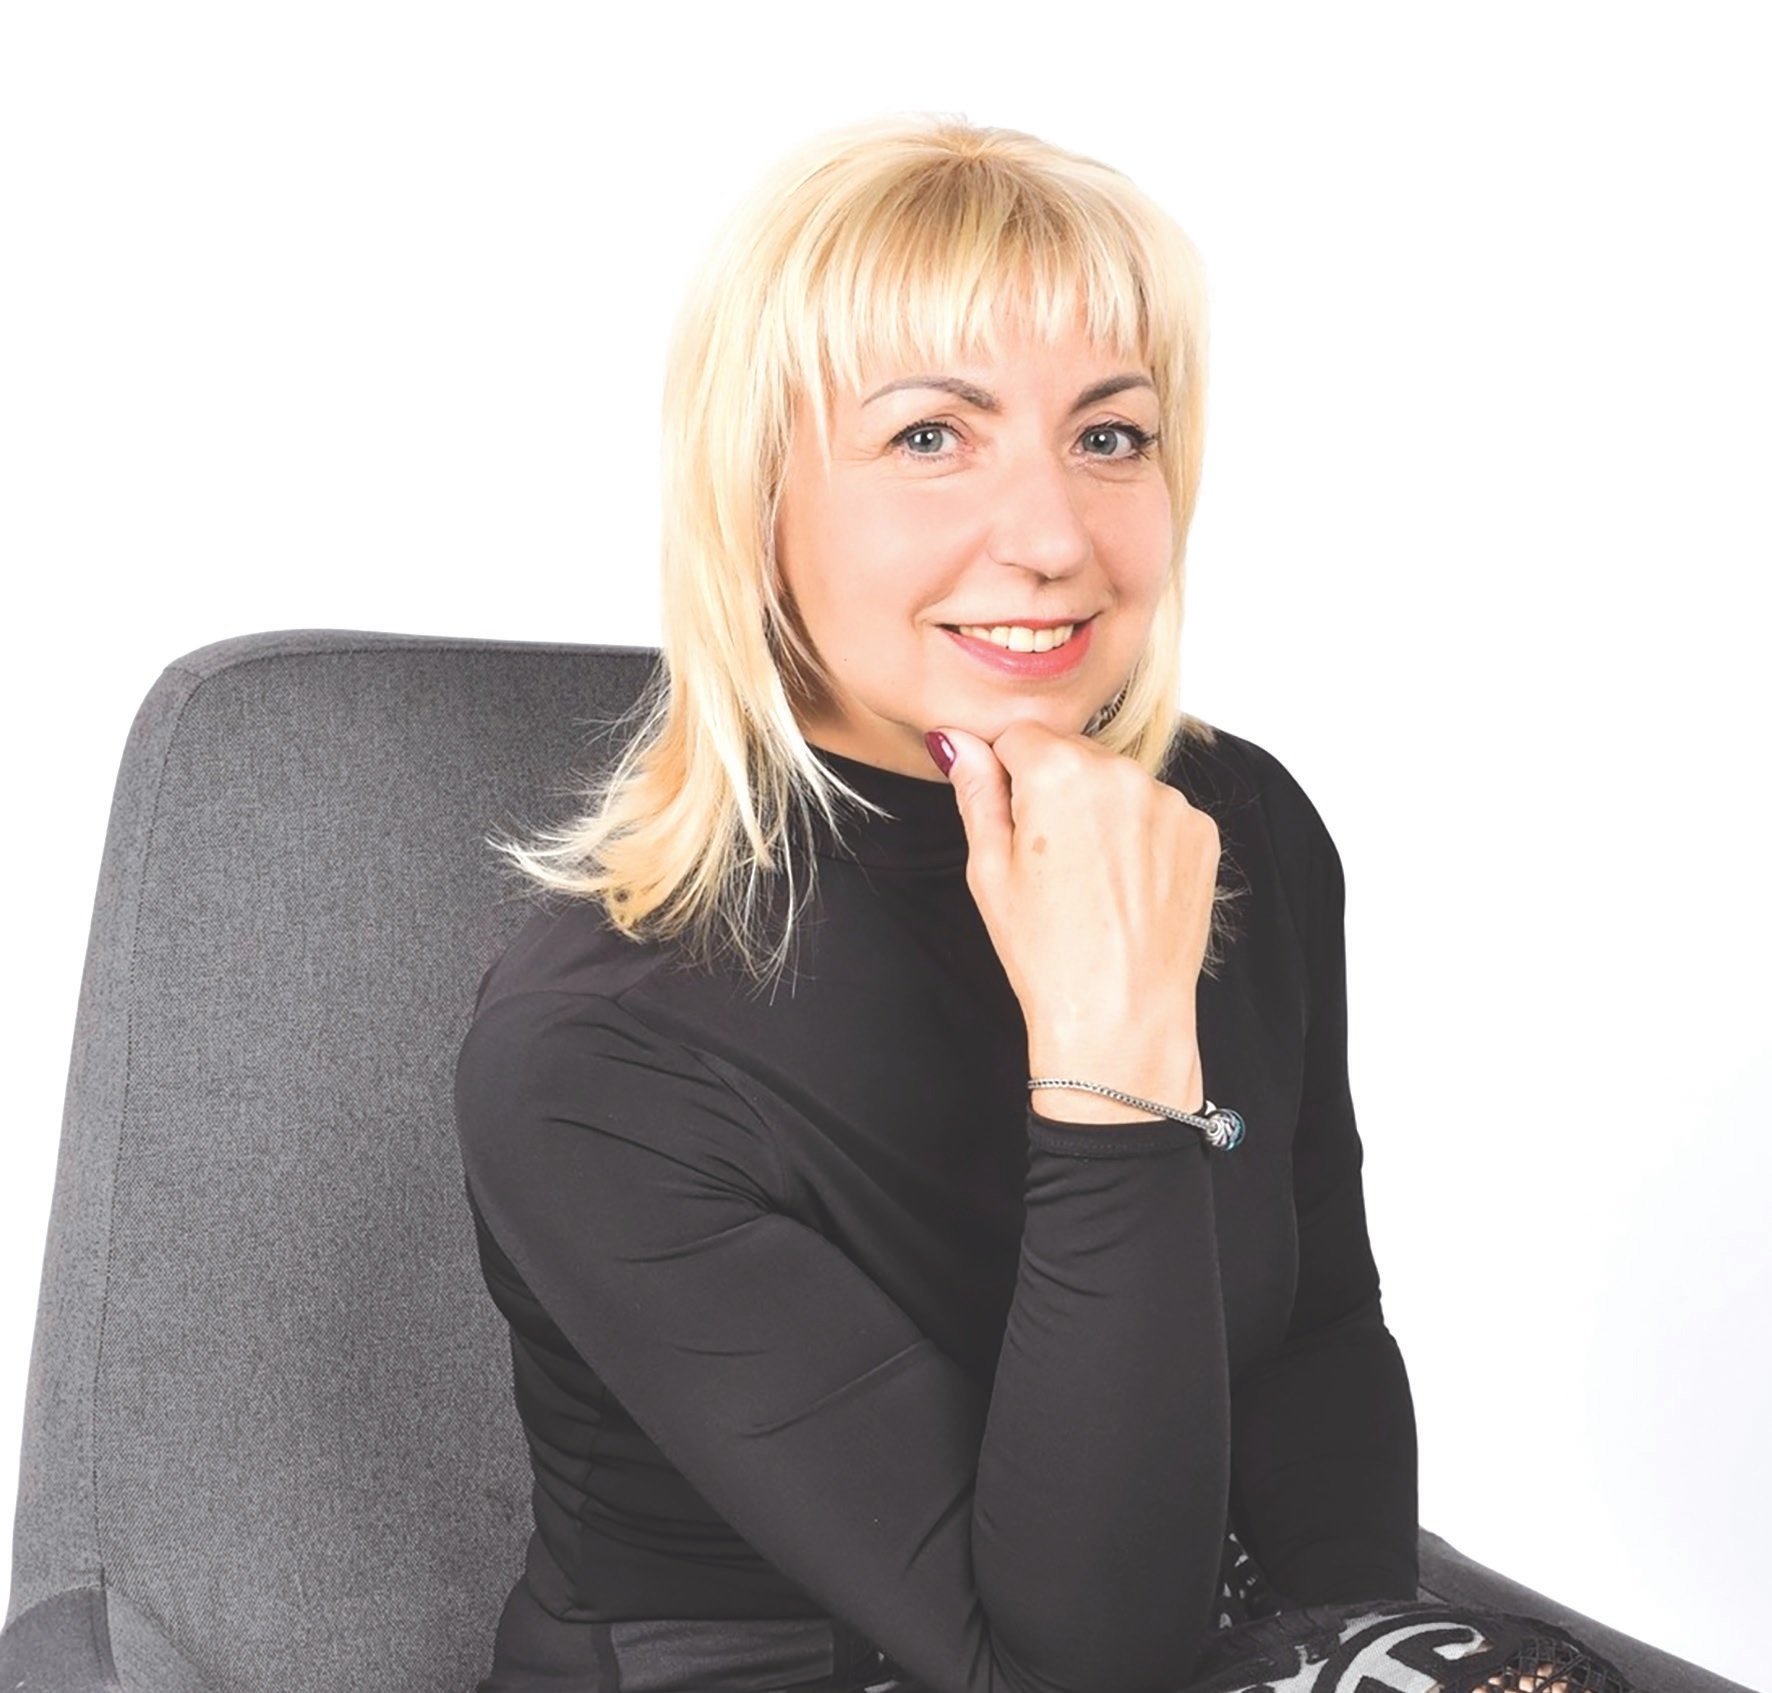 Psichologė Egidija Talalienė sutinka, jog fizinis kontaktas ir bendravimas žmonėms yra labai svarbus. Tačiau teigia, jog reikia suprasti, kad tokia situacija, kokia yra dabar, laikina ir reikia su ja tiesiog susitaikyti./Asmeninio archyvo nuotr.